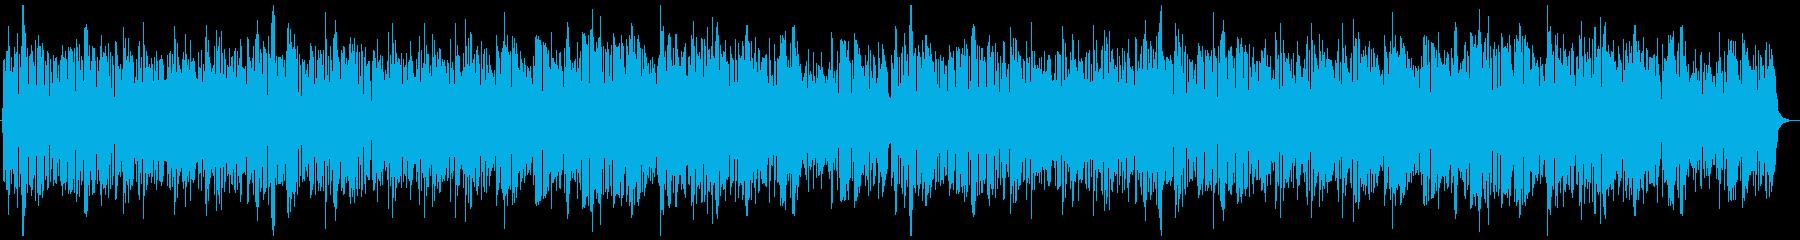 軽快な中世の町BGMの再生済みの波形